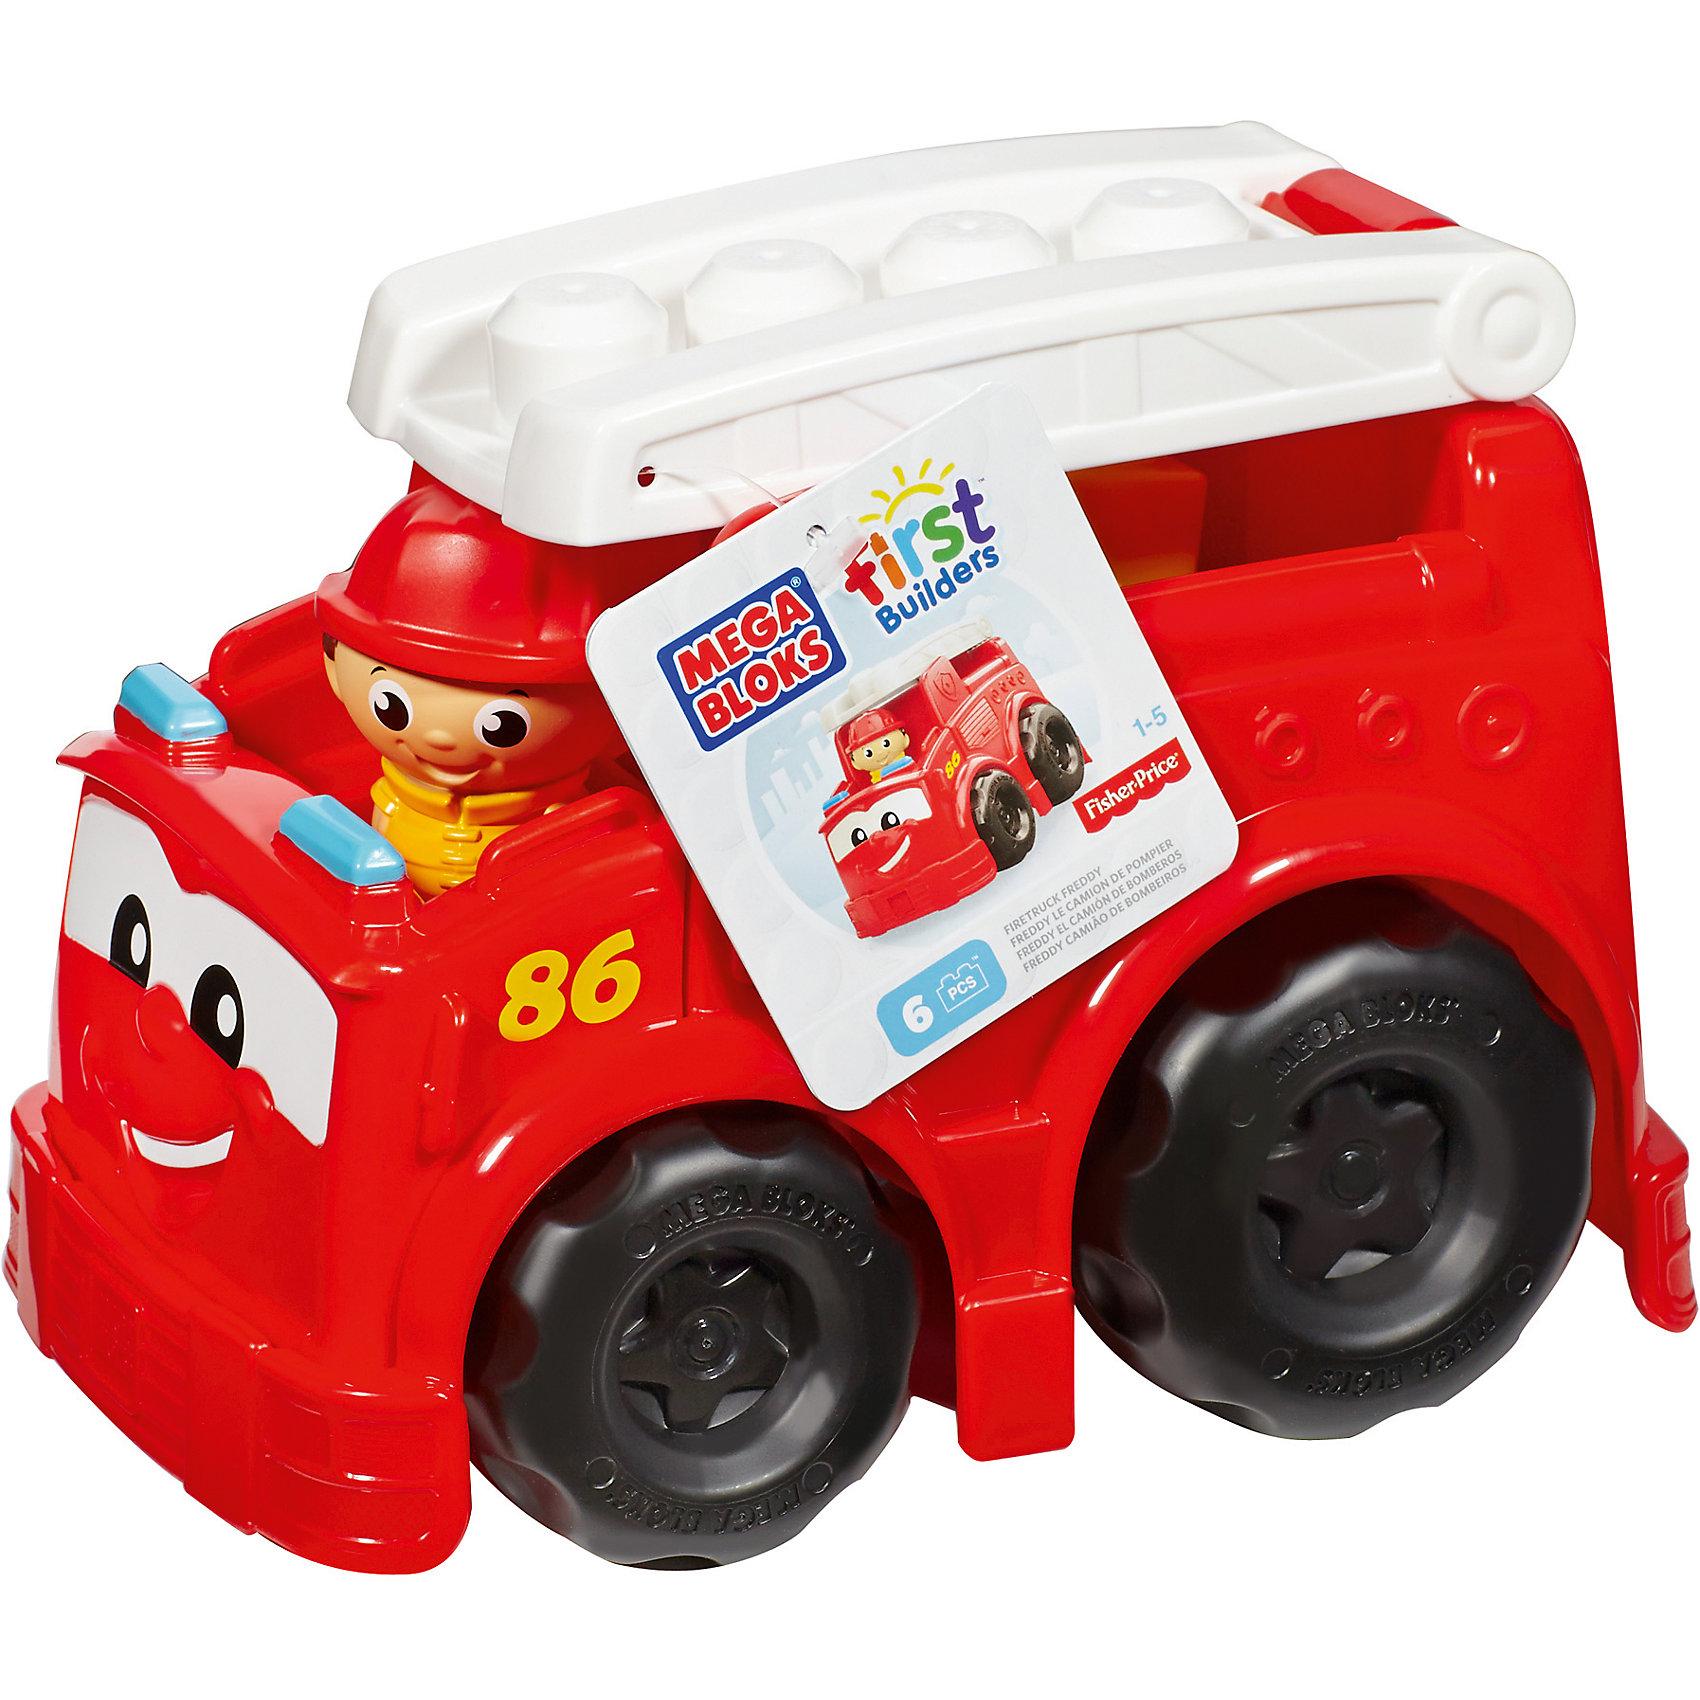 Машинка MEGA BLOKS First BuildersПластмассовые конструкторы<br>Машинка MEGA BLOKS First Builders - отличный подарок ребенку. Это красочная развивающая игрушка, которая обязательно понравится малышу. Она выполнена в виде яркой машинки с веселым лицом. Игрушка с крупными деталями идеально подходит для маленьких ручек малыша. В комплект помимо машинки входят 6 деталей-блоков First Builders, которые можно установить в верхней части автомобиля, и фигурка водителя. Набор совместим с другими наборами серии First Builders.<br><br><br>Такие игрушки помогают развить мелкую моторику, логическое мышление и воображение ребенка. Эта игрушка выполнена из высококачественного прочного пластика, безопасного для детей.<br>  <br>Дополнительная информация:<br><br>комплектация: комплекте: машинка, 6 деталей, фигурка водителя;<br>материал: пластик;<br>размер упаковки: 24,1 x 16,5 x 17,8 см;<br>вес: 530 г.<br><br>Машинку MEGA BLOKS First Builders от компании Mattel можно купить в нашем магазине.<br><br>Ширина мм: 180<br>Глубина мм: 240<br>Высота мм: 165<br>Вес г: 540<br>Возраст от месяцев: 12<br>Возраст до месяцев: 72<br>Пол: Унисекс<br>Возраст: Детский<br>SKU: 4791124